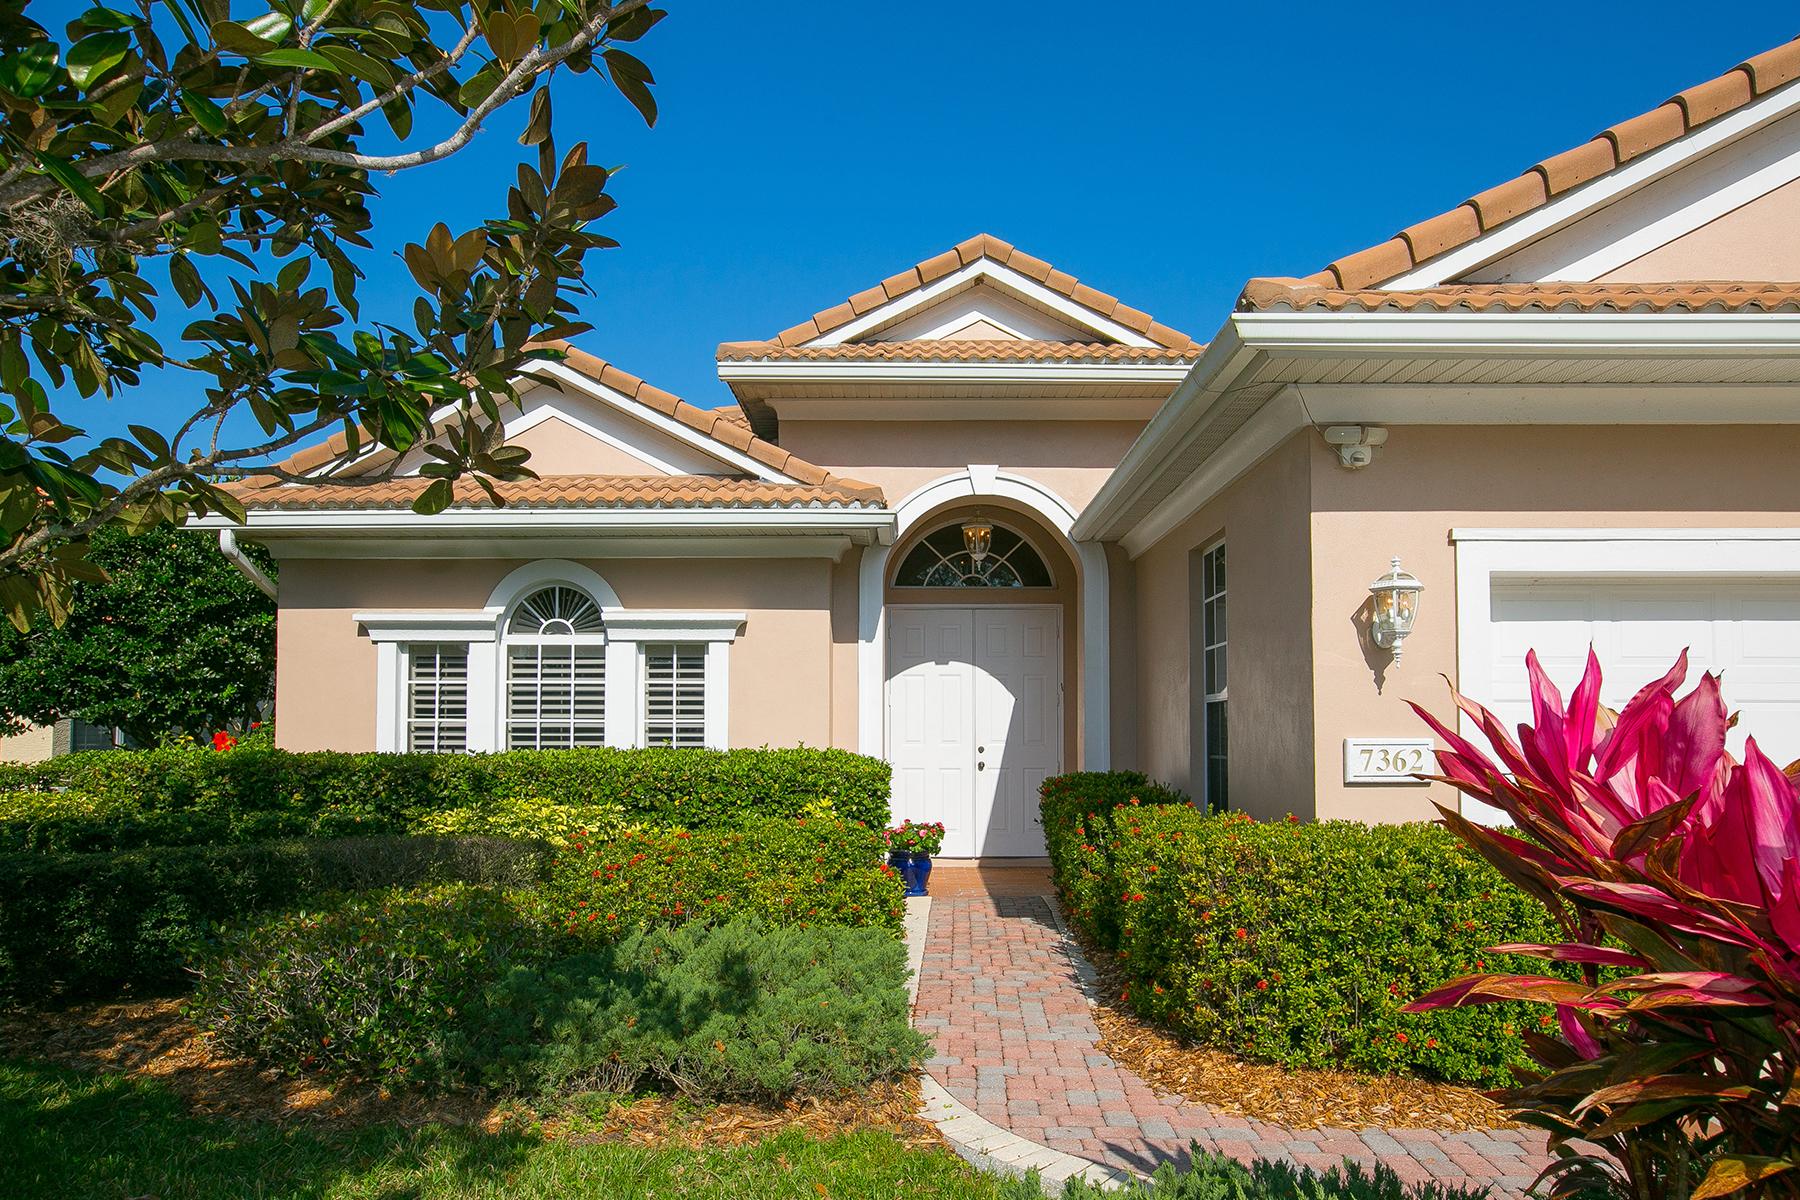 獨棟家庭住宅 為 出售 在 7362 Windemere Ln , University Park, FL 34201 7362 Windemere Ln University Park, 佛羅里達州, 34201 美國